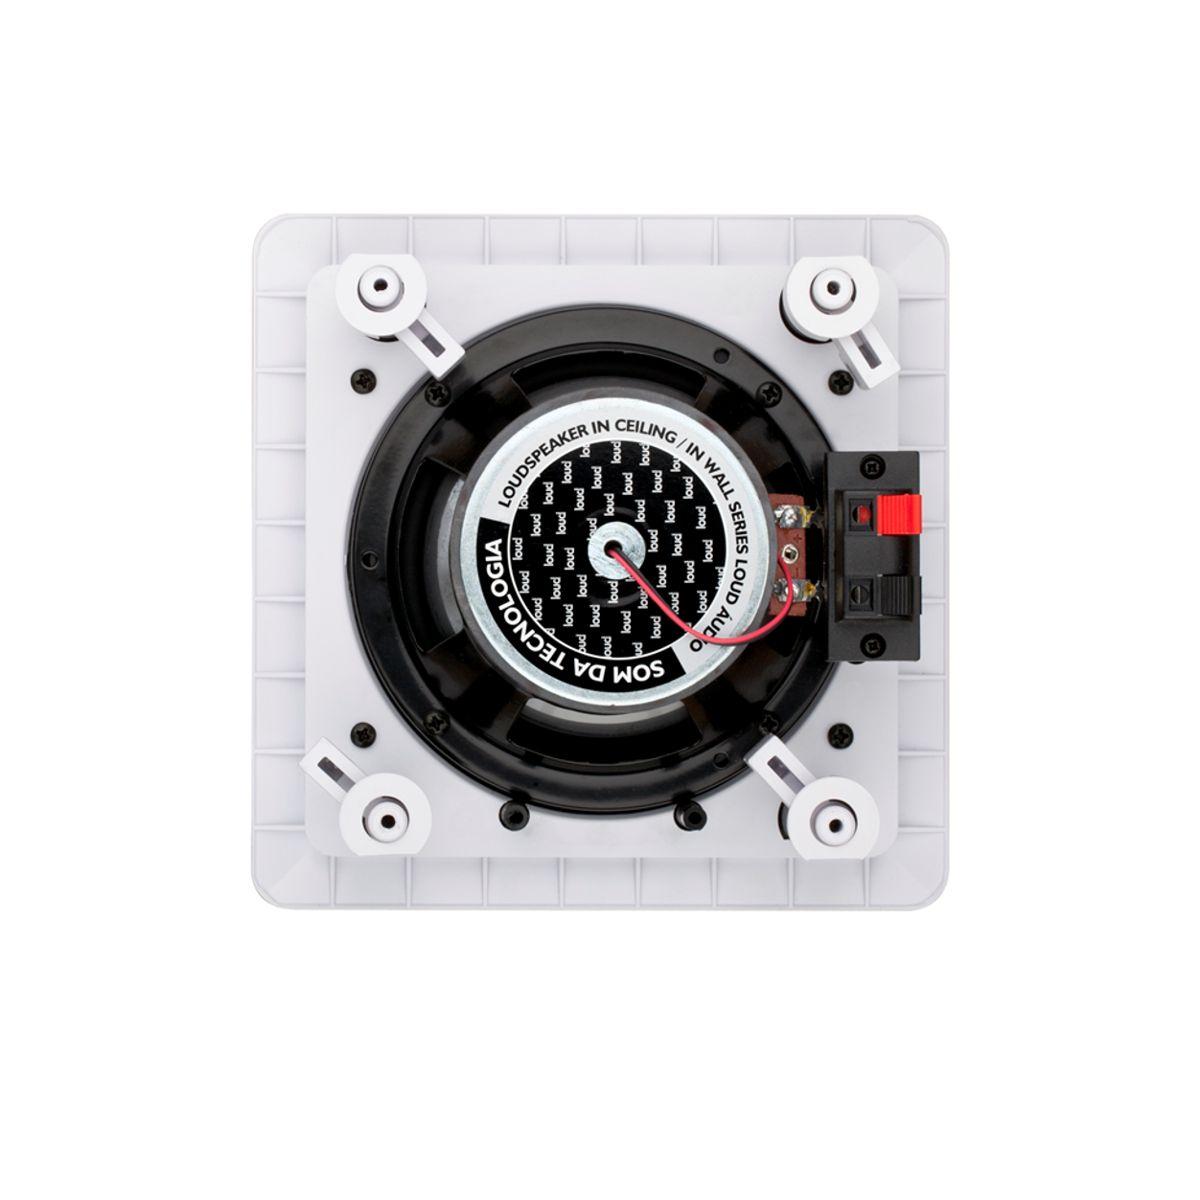 Kit Amplificador de Parede Bluetooth LAC LX BT BLACK + 2 Caixas Acústicas de Embutir SQ5-50 Loud